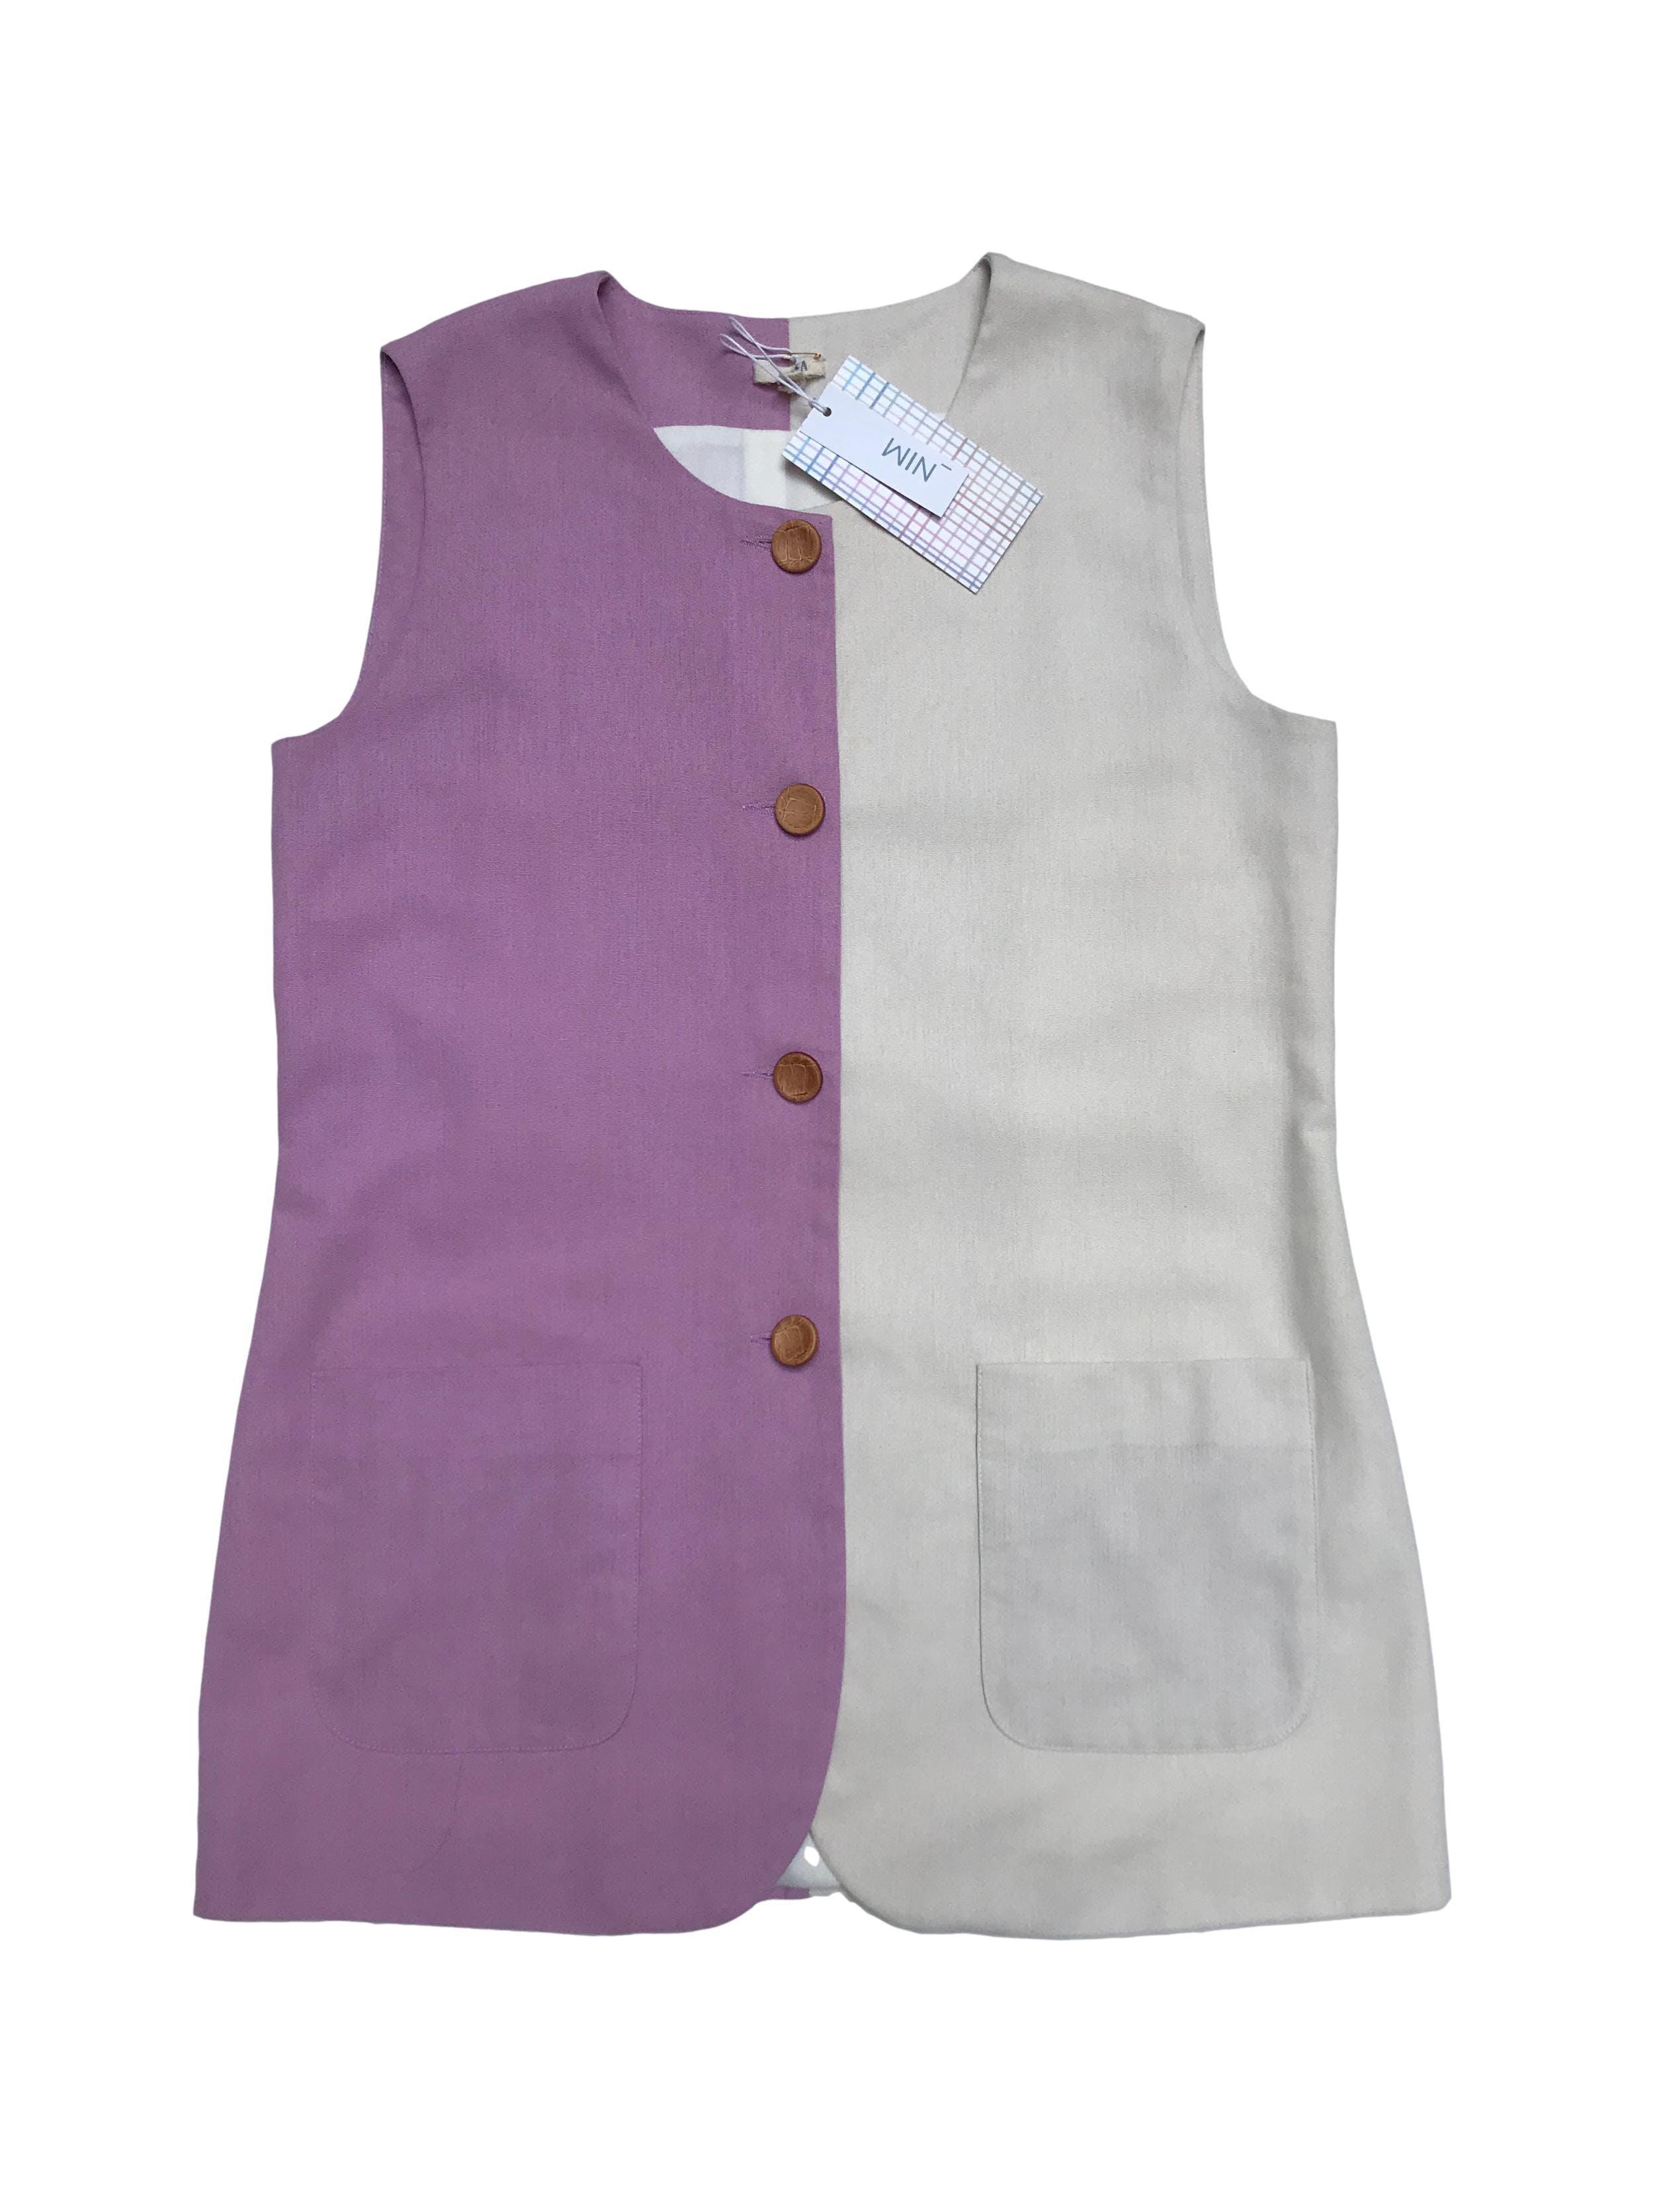 Chaleco Nim color block lila y crema, de lino y viscosa, forro super suavecito, botones y bolsillos delanteros. Largo 70cm. Nuevo con etiqueta, precio original S/250